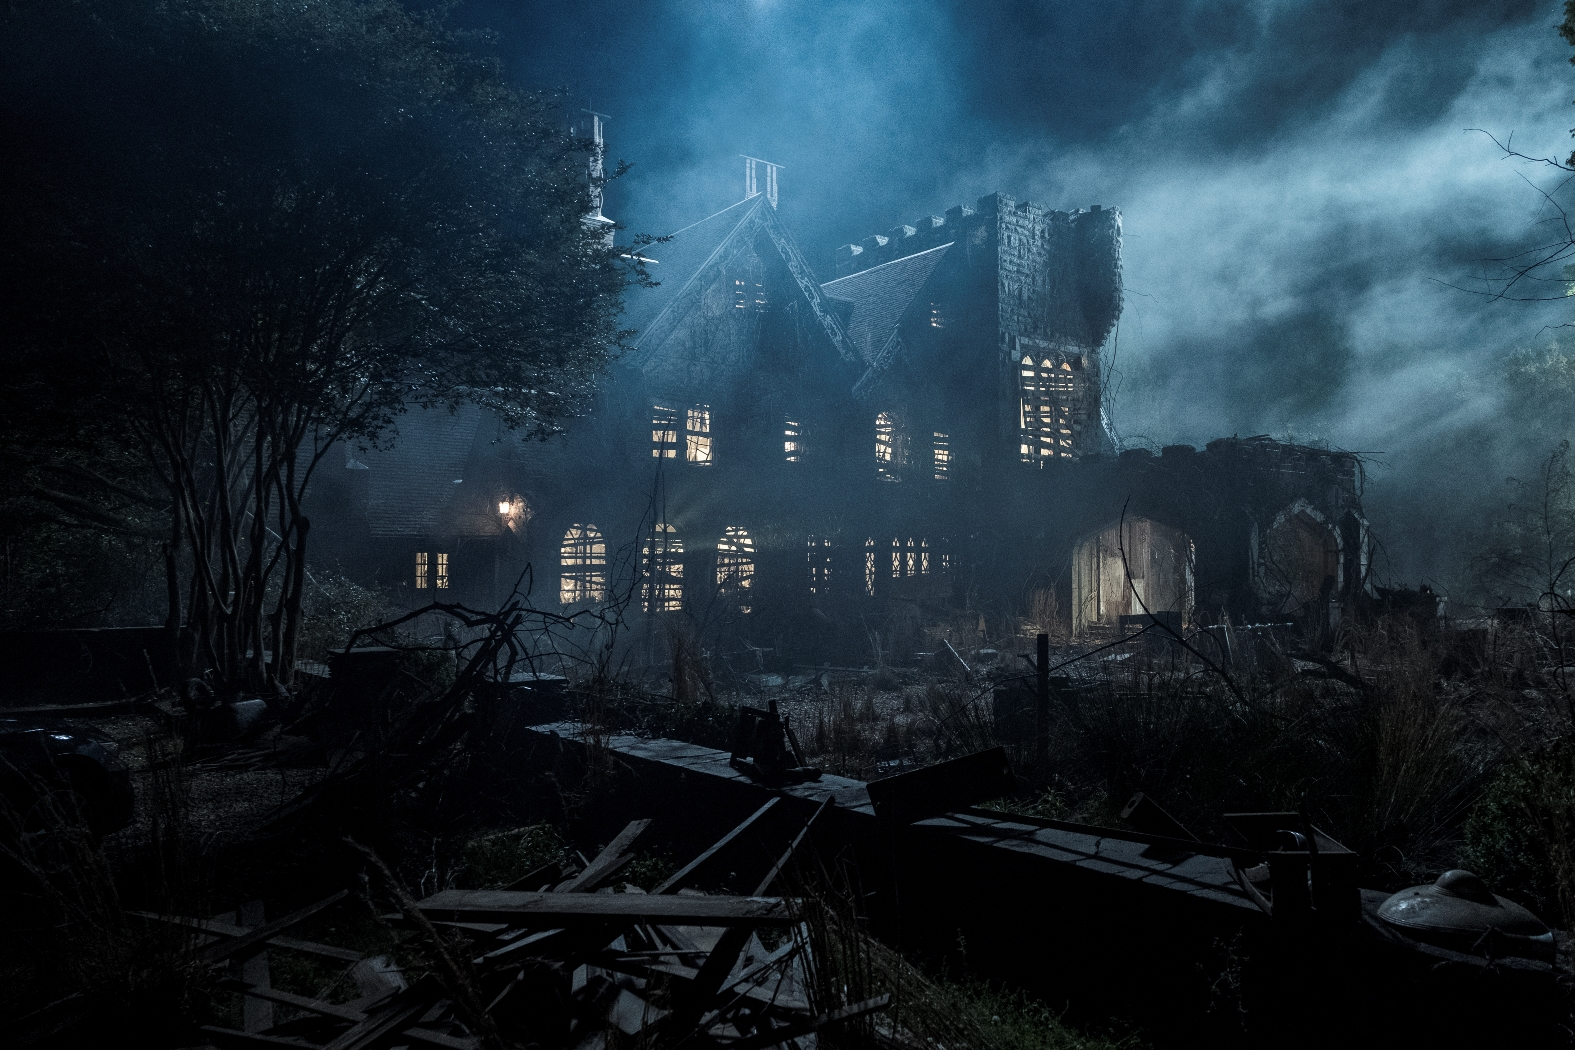 The Haunting of Hill House: un'immagine inquietante della casa stregata